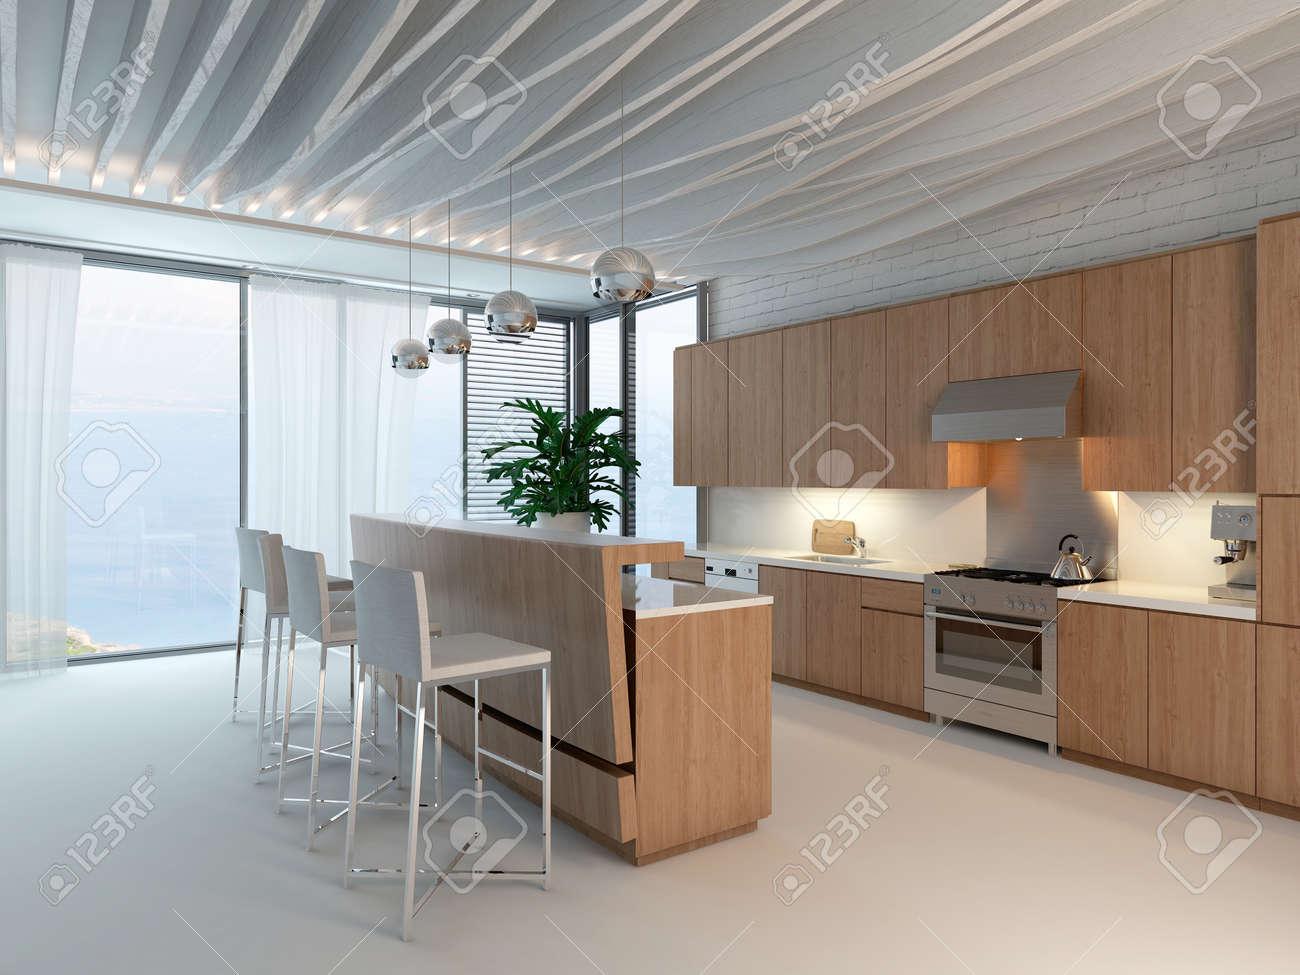 Schöne Küche Interieur Mit Holz Und Hocker Lizenzfreie Fotos, Bilder ...